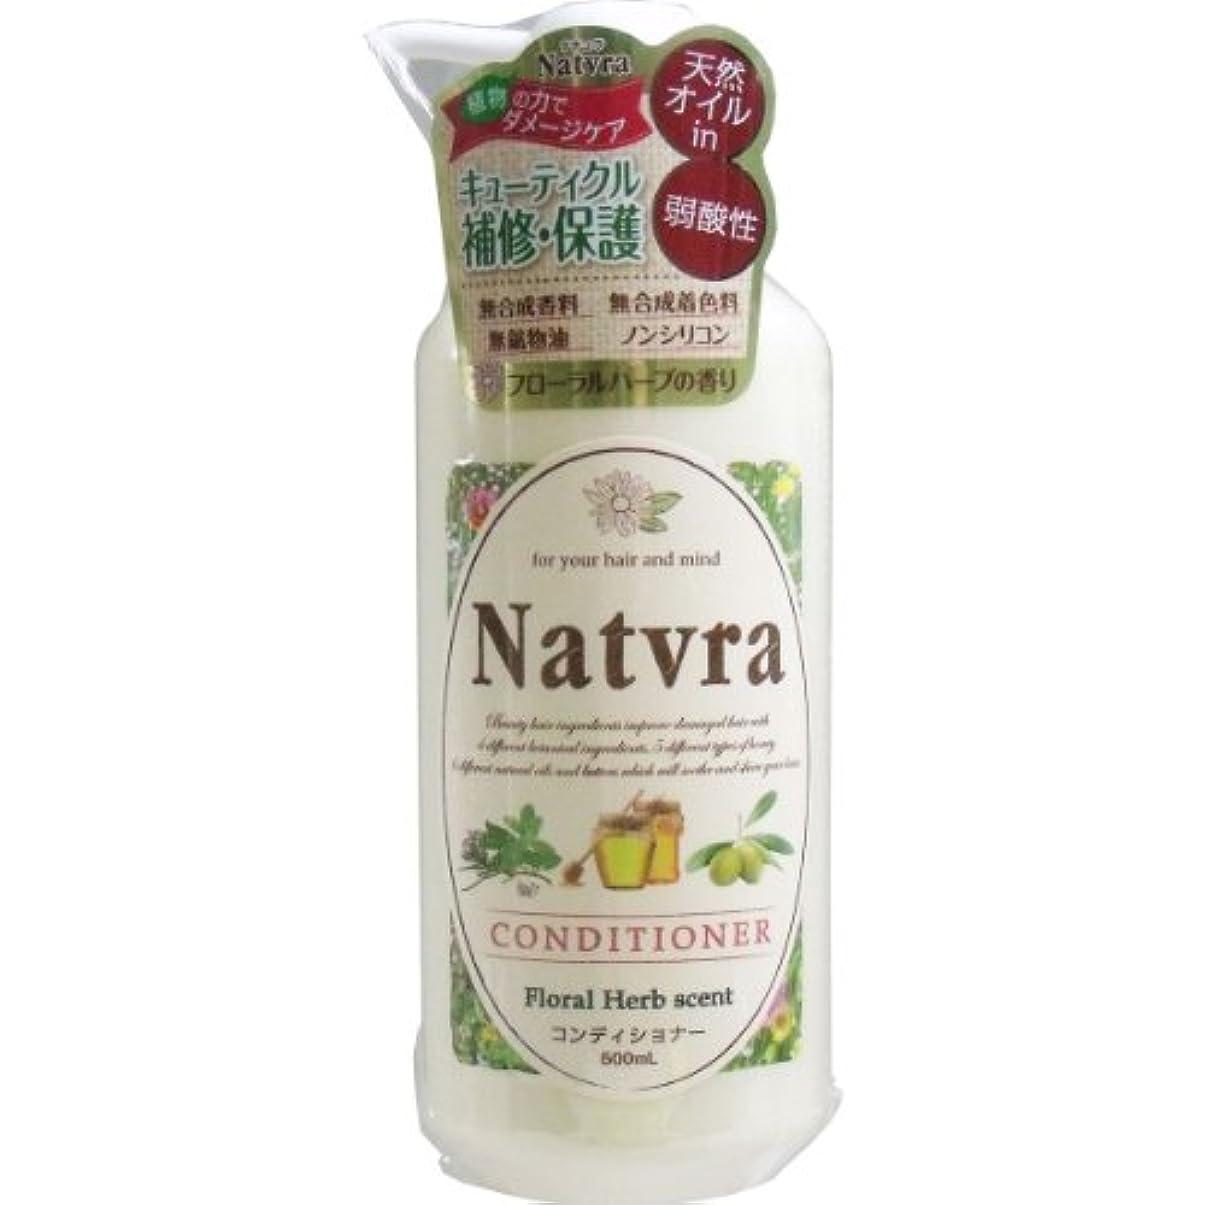 アイロニー素晴らしい良い多くの人間Natvra(ナチュラ) コンディショナー フローラルハーブの香り 500mL【2個セット】